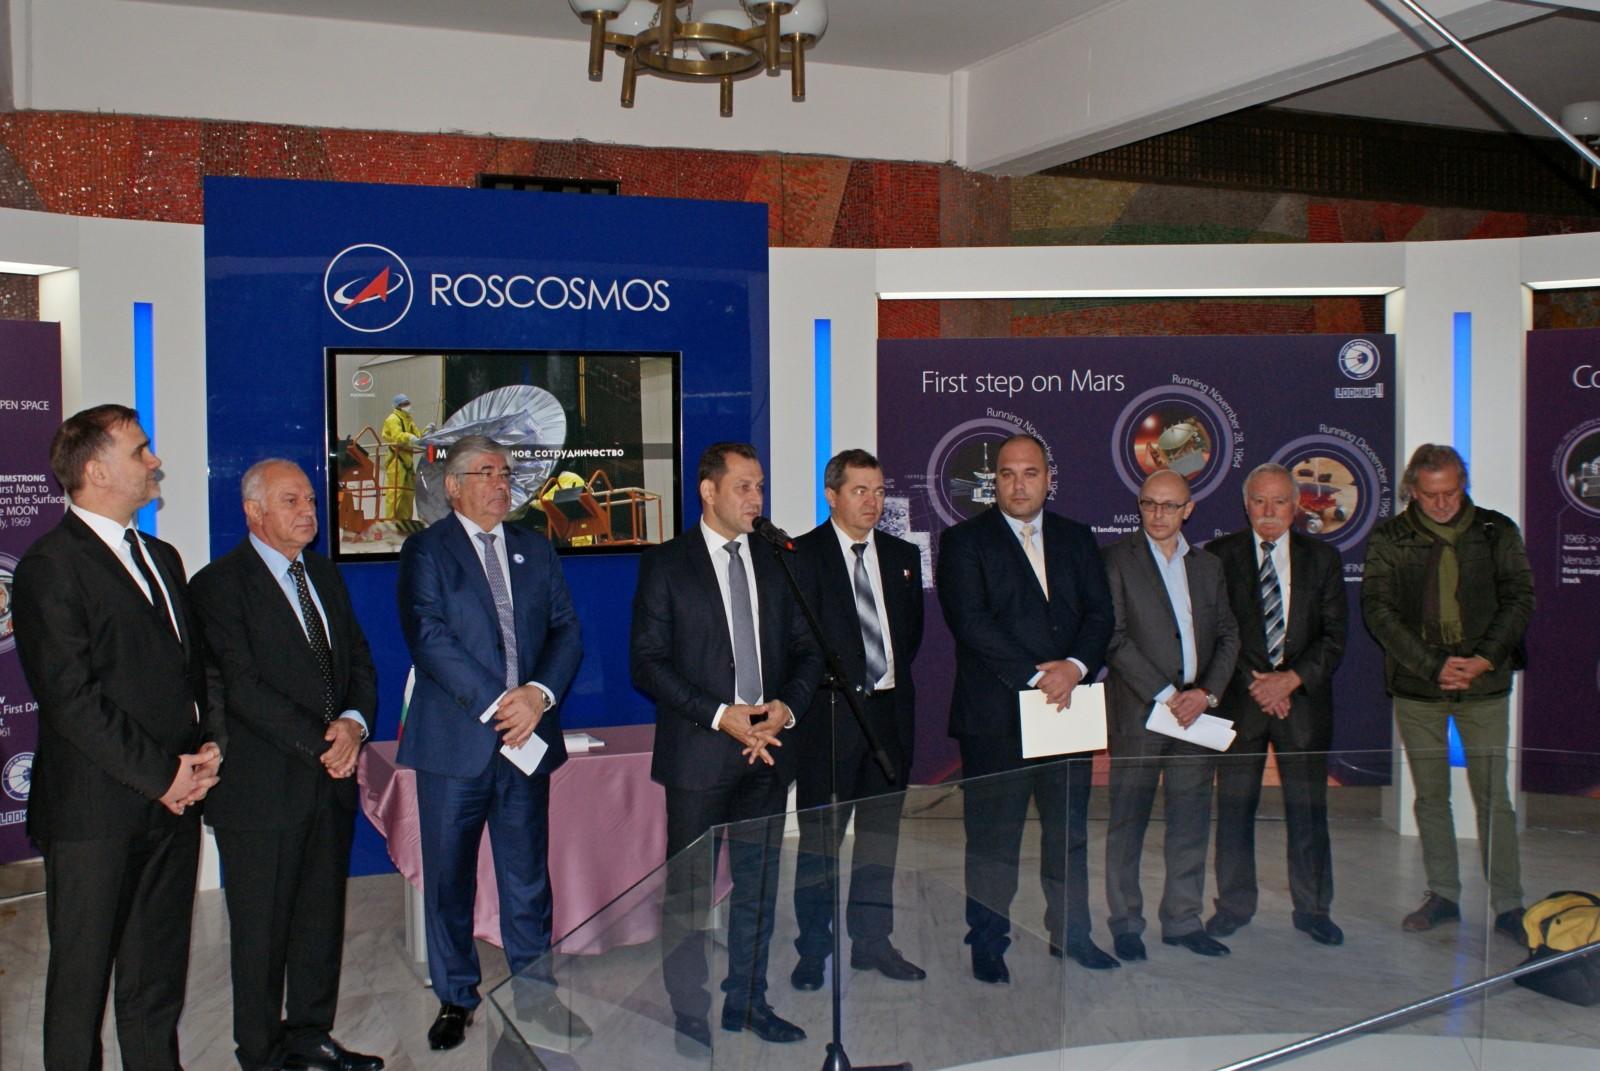 В Софии прошло открытие выставки Госкорпорации «Роскосмос» #Sputnik60